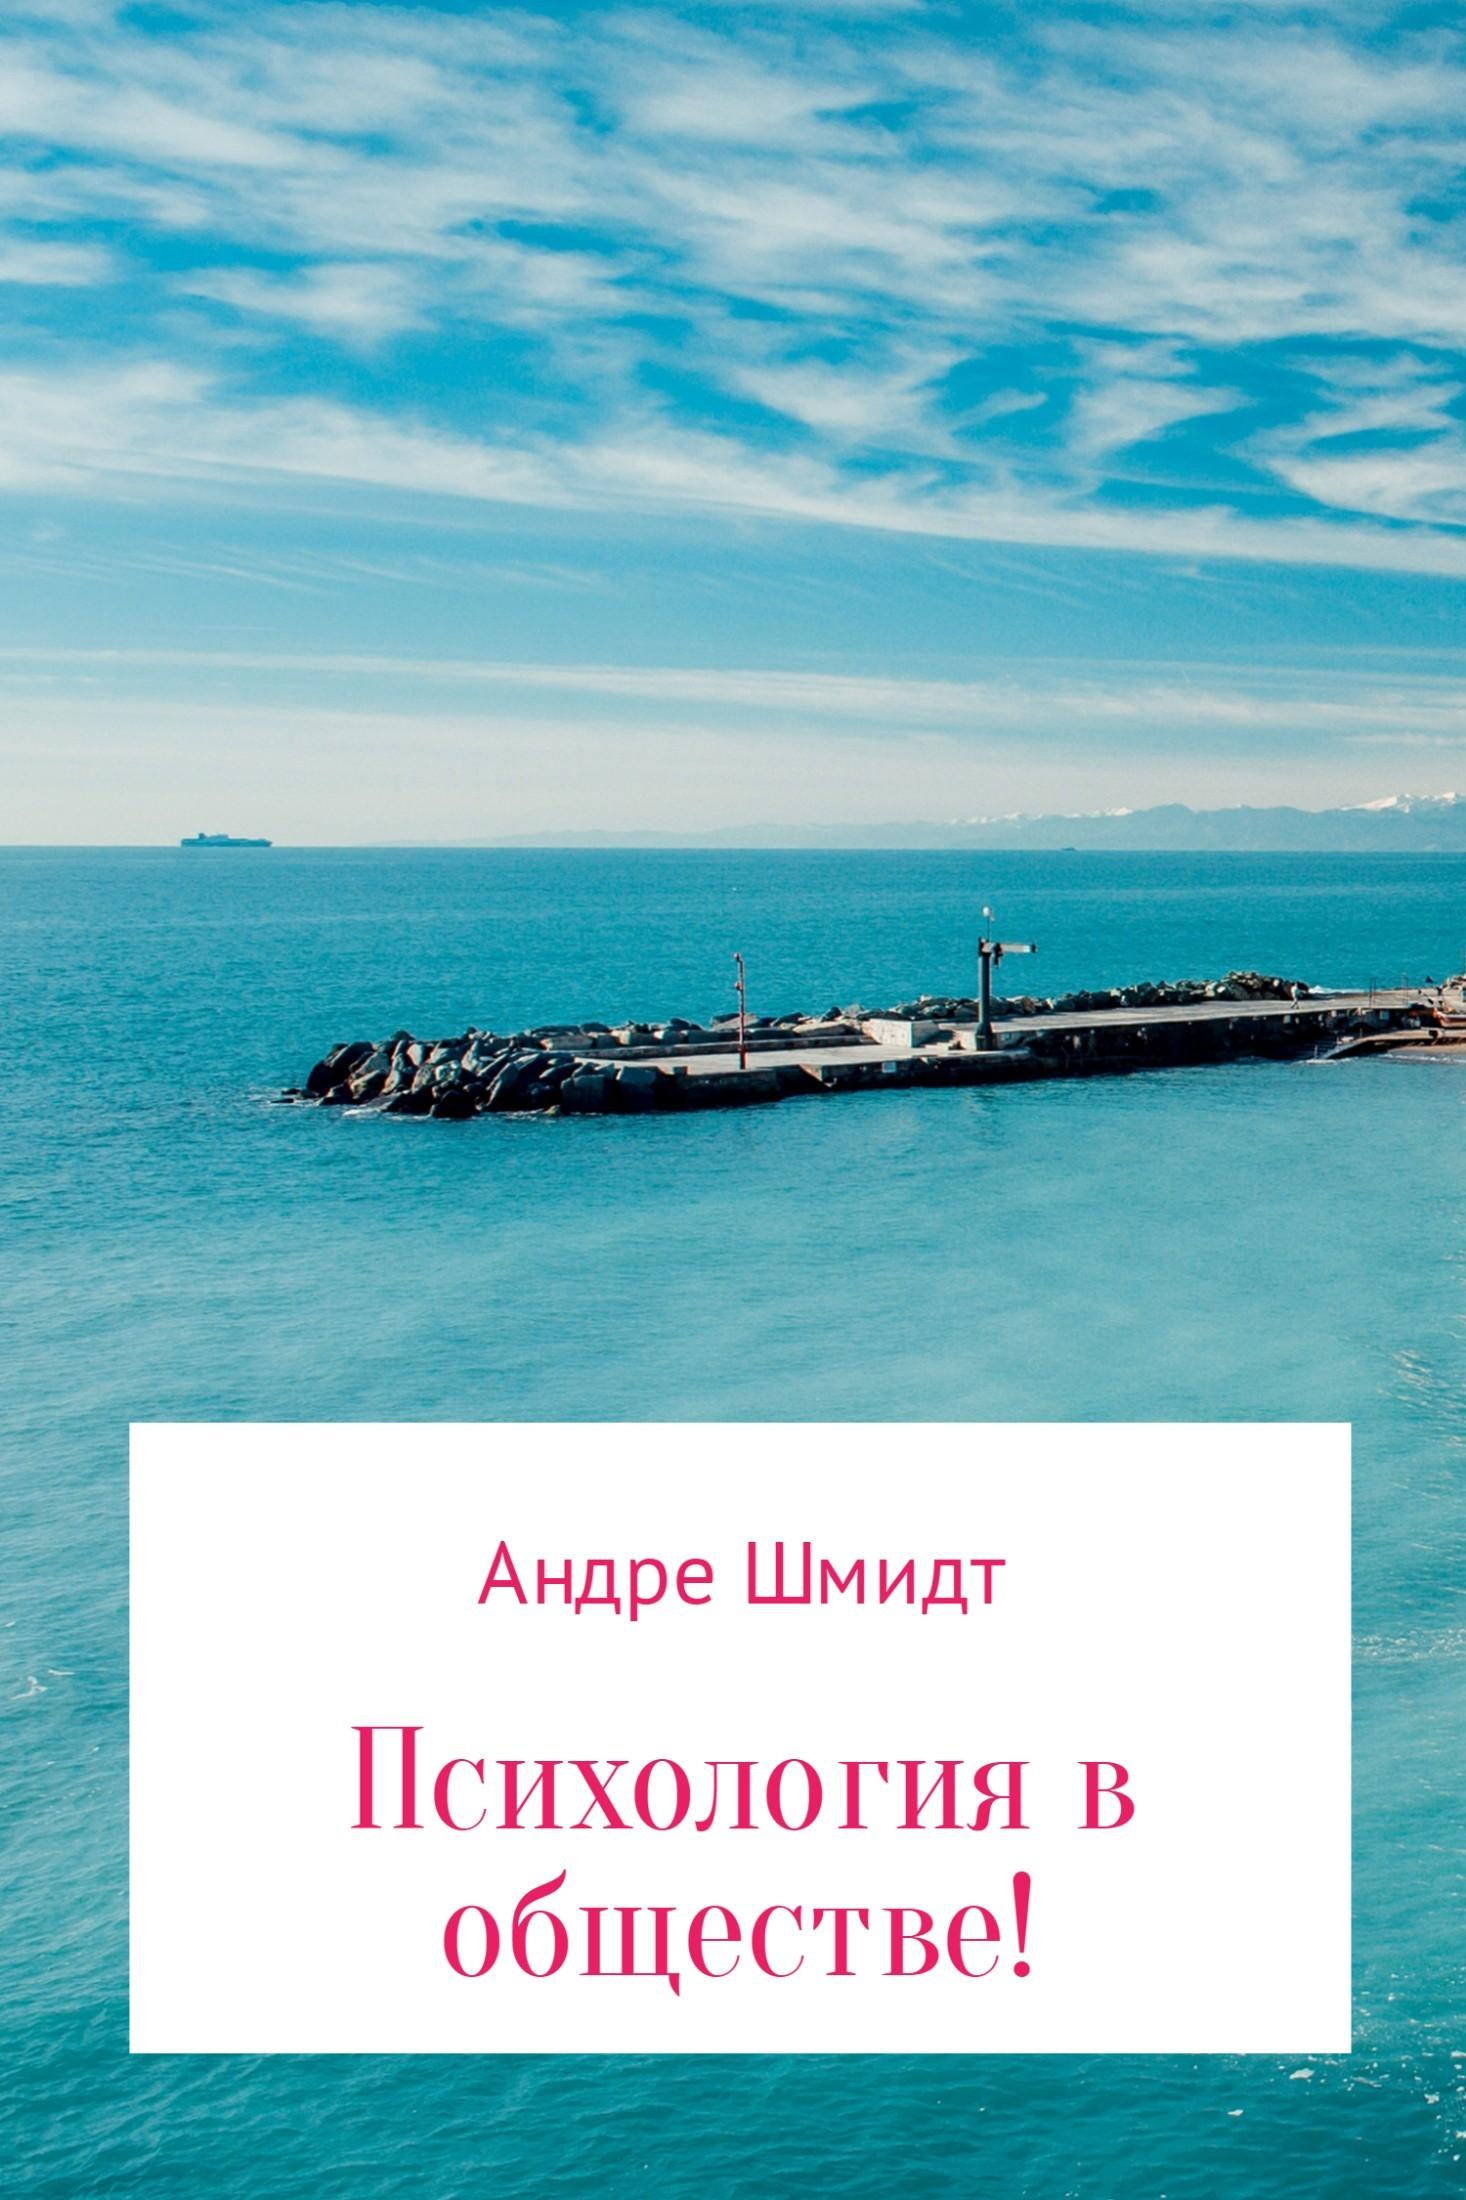 Андре Суэль Шмидт Психология в обществе